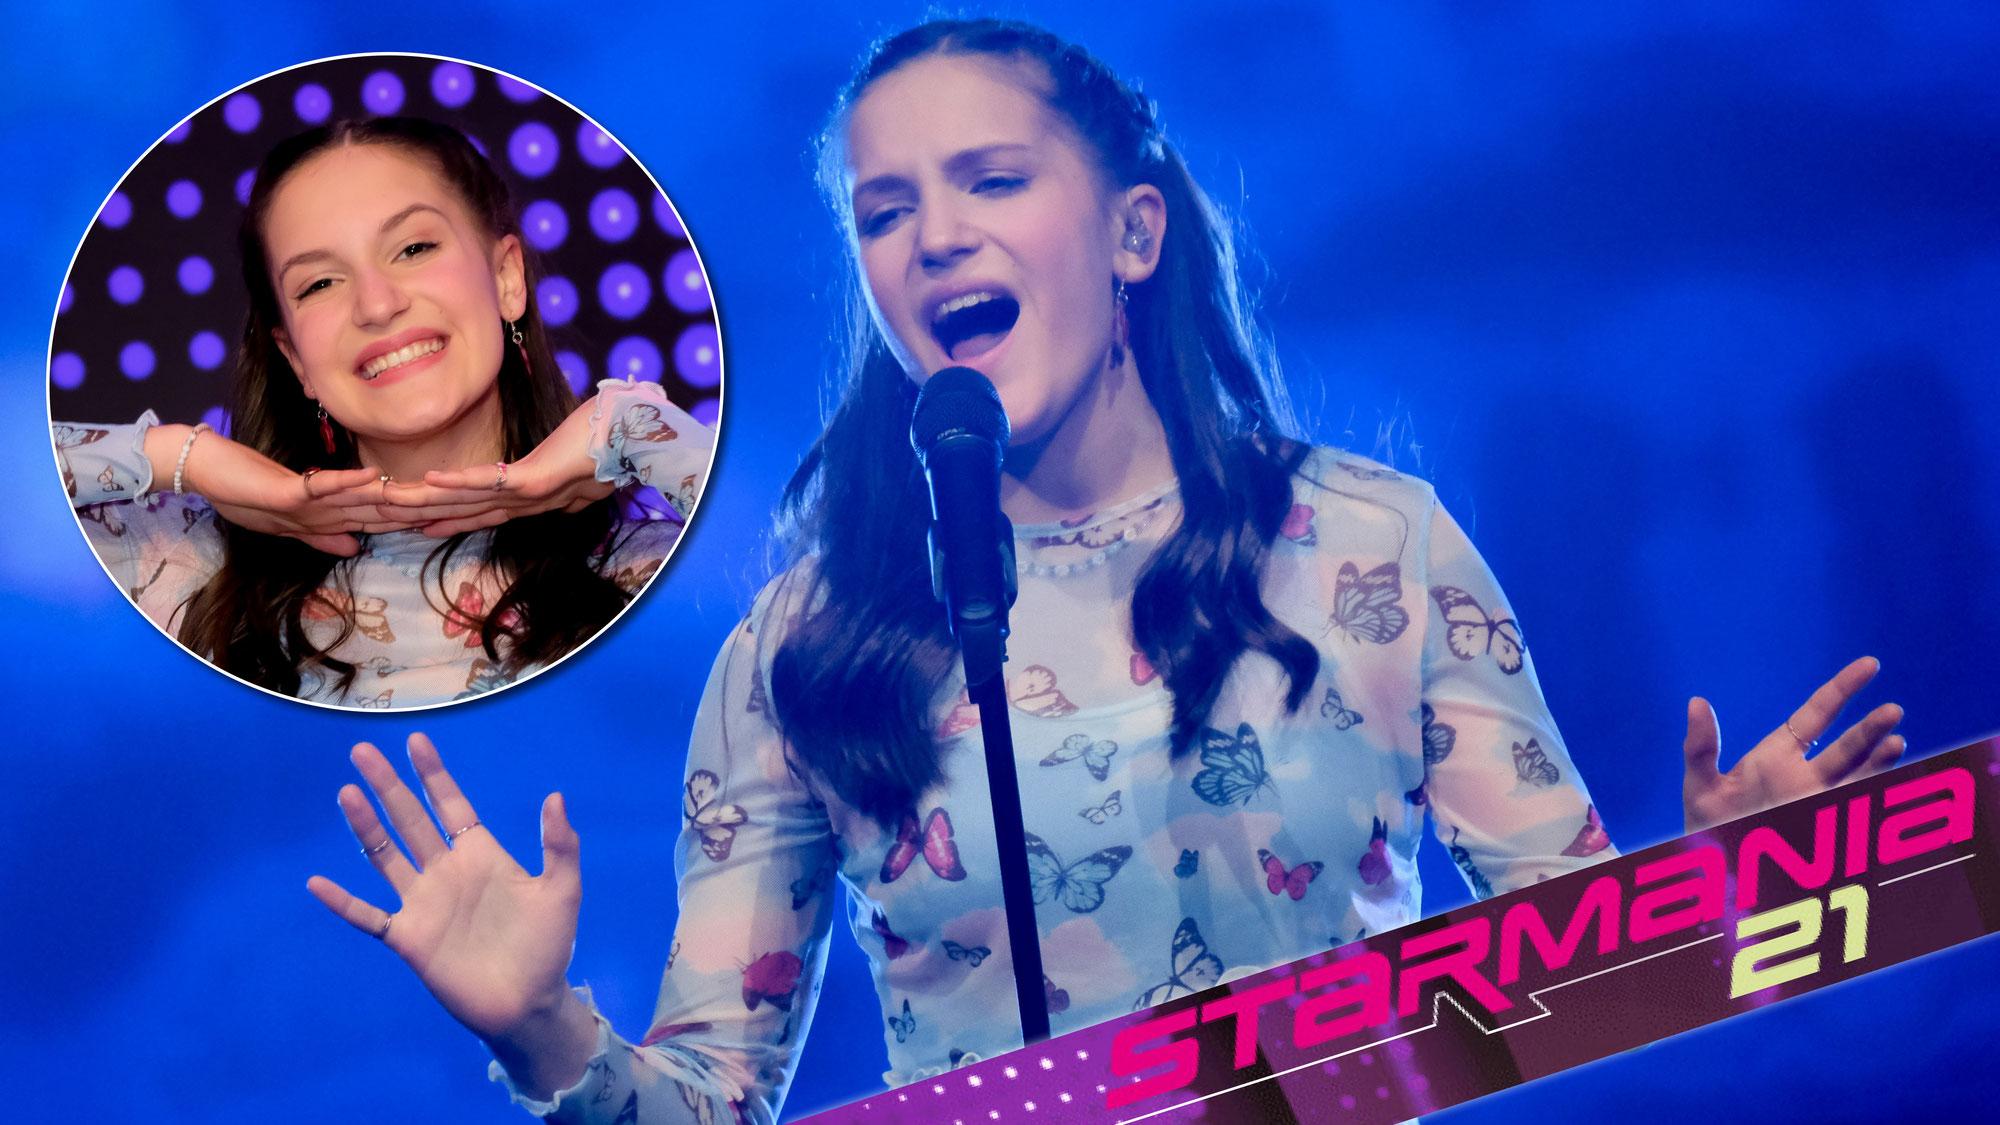 """POPMAGAZIN-Interview mit Starmania21-Semifinalistin Allegra Tinnefeld: """"Man sollte Musik nicht in solche Kategorien ordnen"""""""